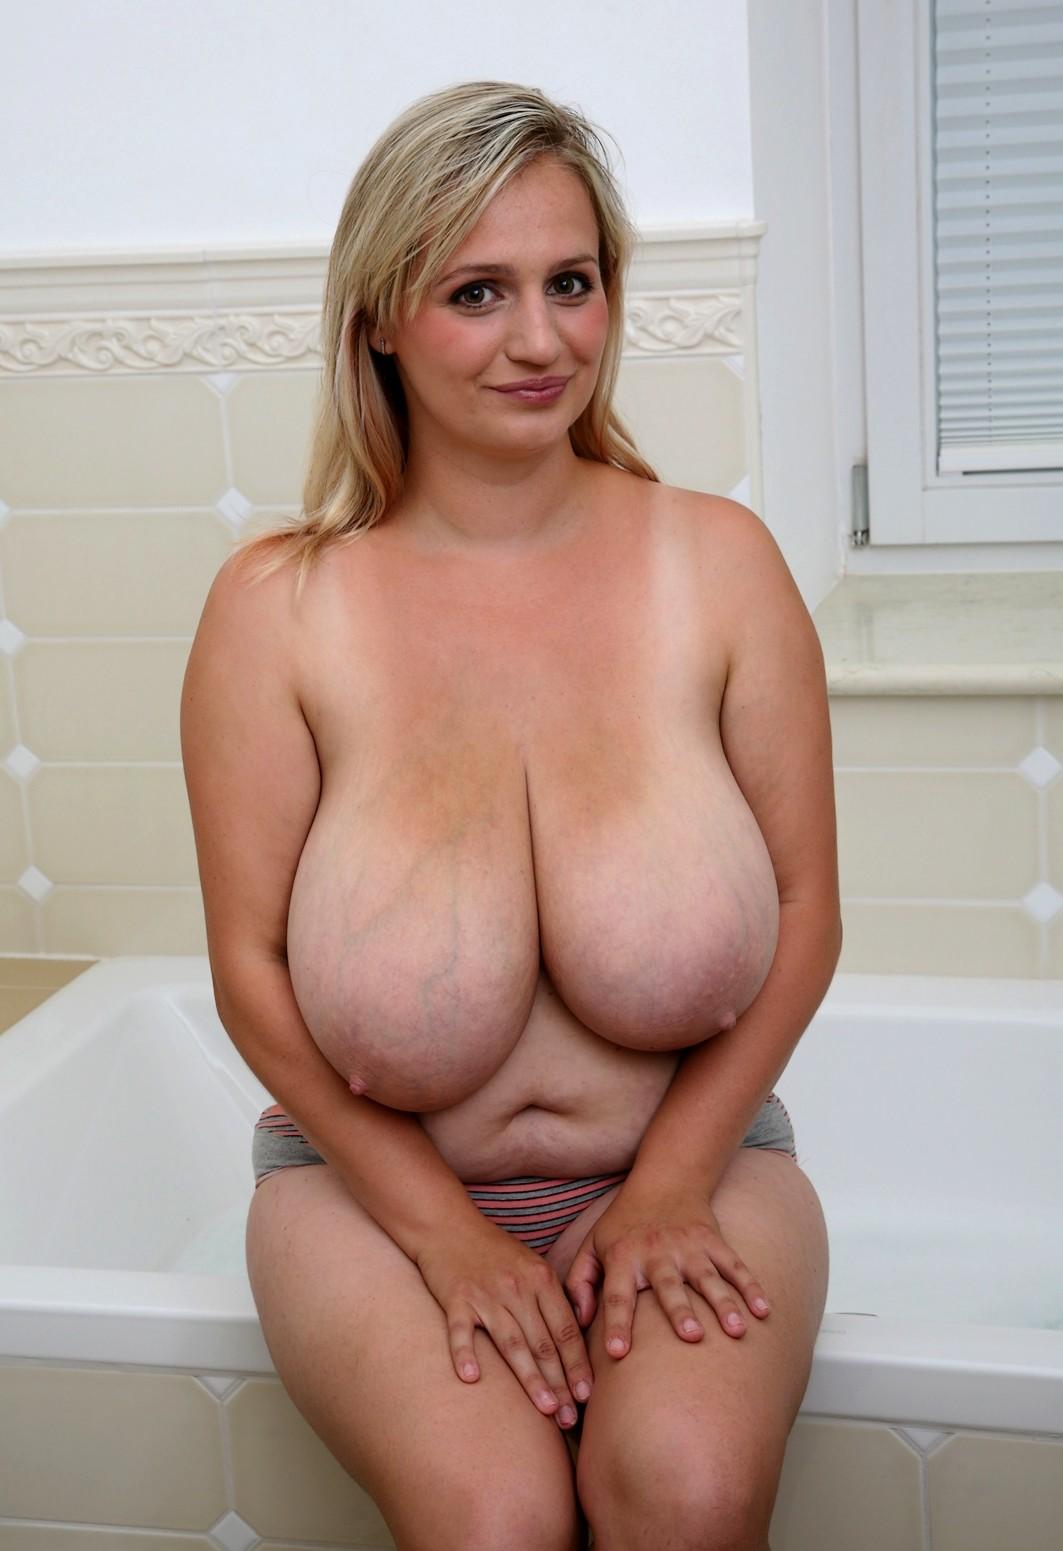 огромные грудастые отвисшие груди дойки нее будет